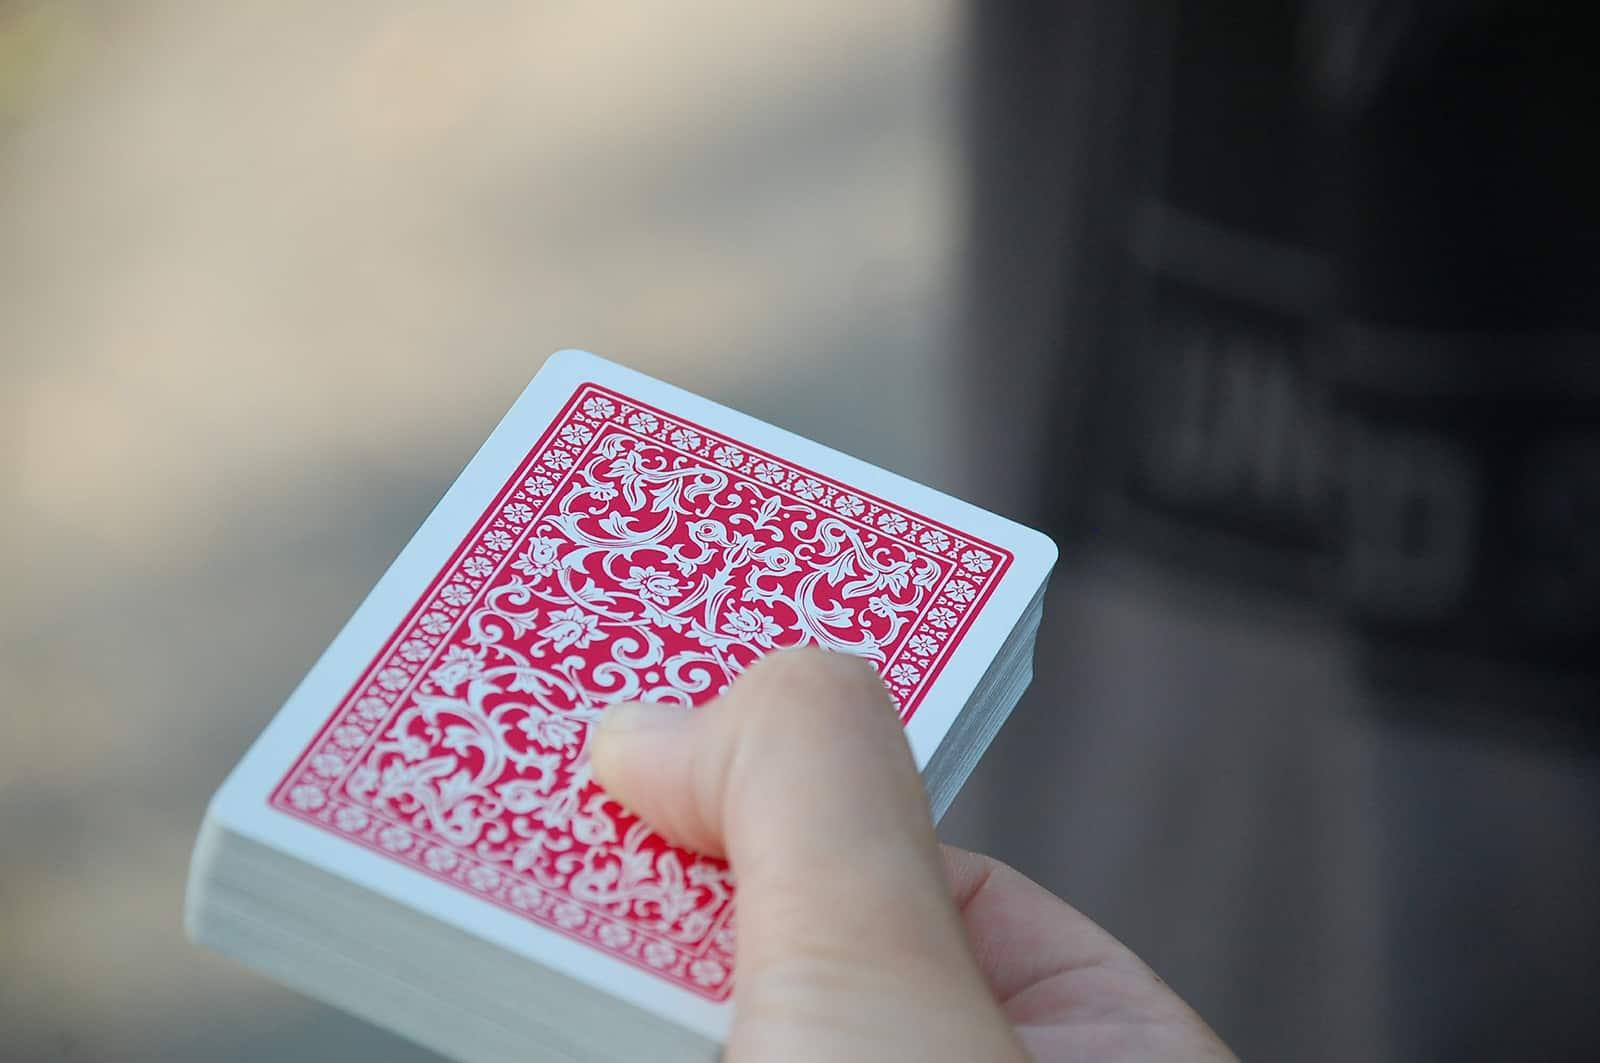 eine Person, die ein Kartenspiel in der Hand hält